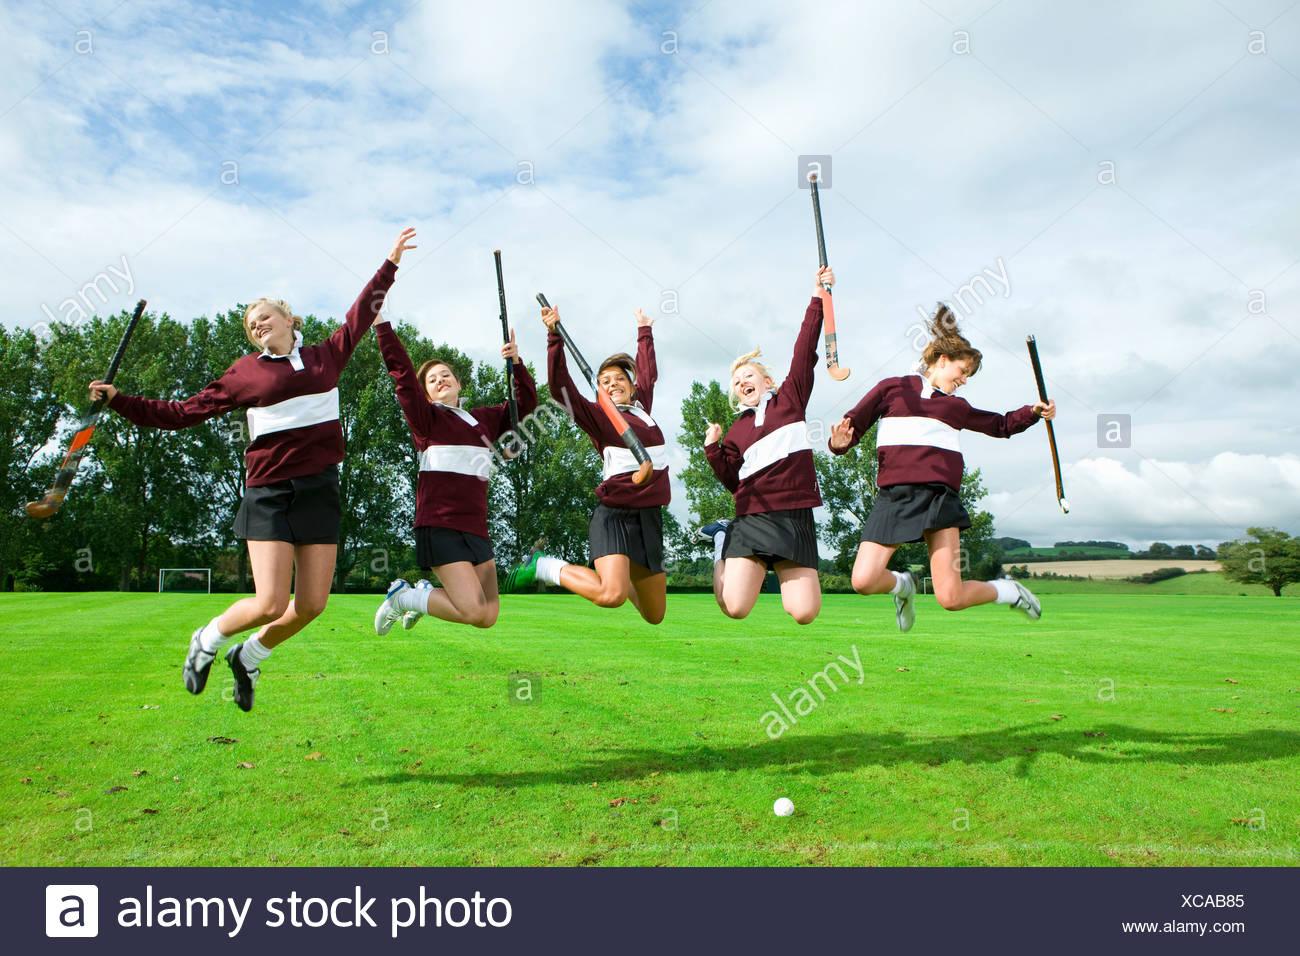 L'équipe de hockey adolescente sautant sur terrain Photo Stock